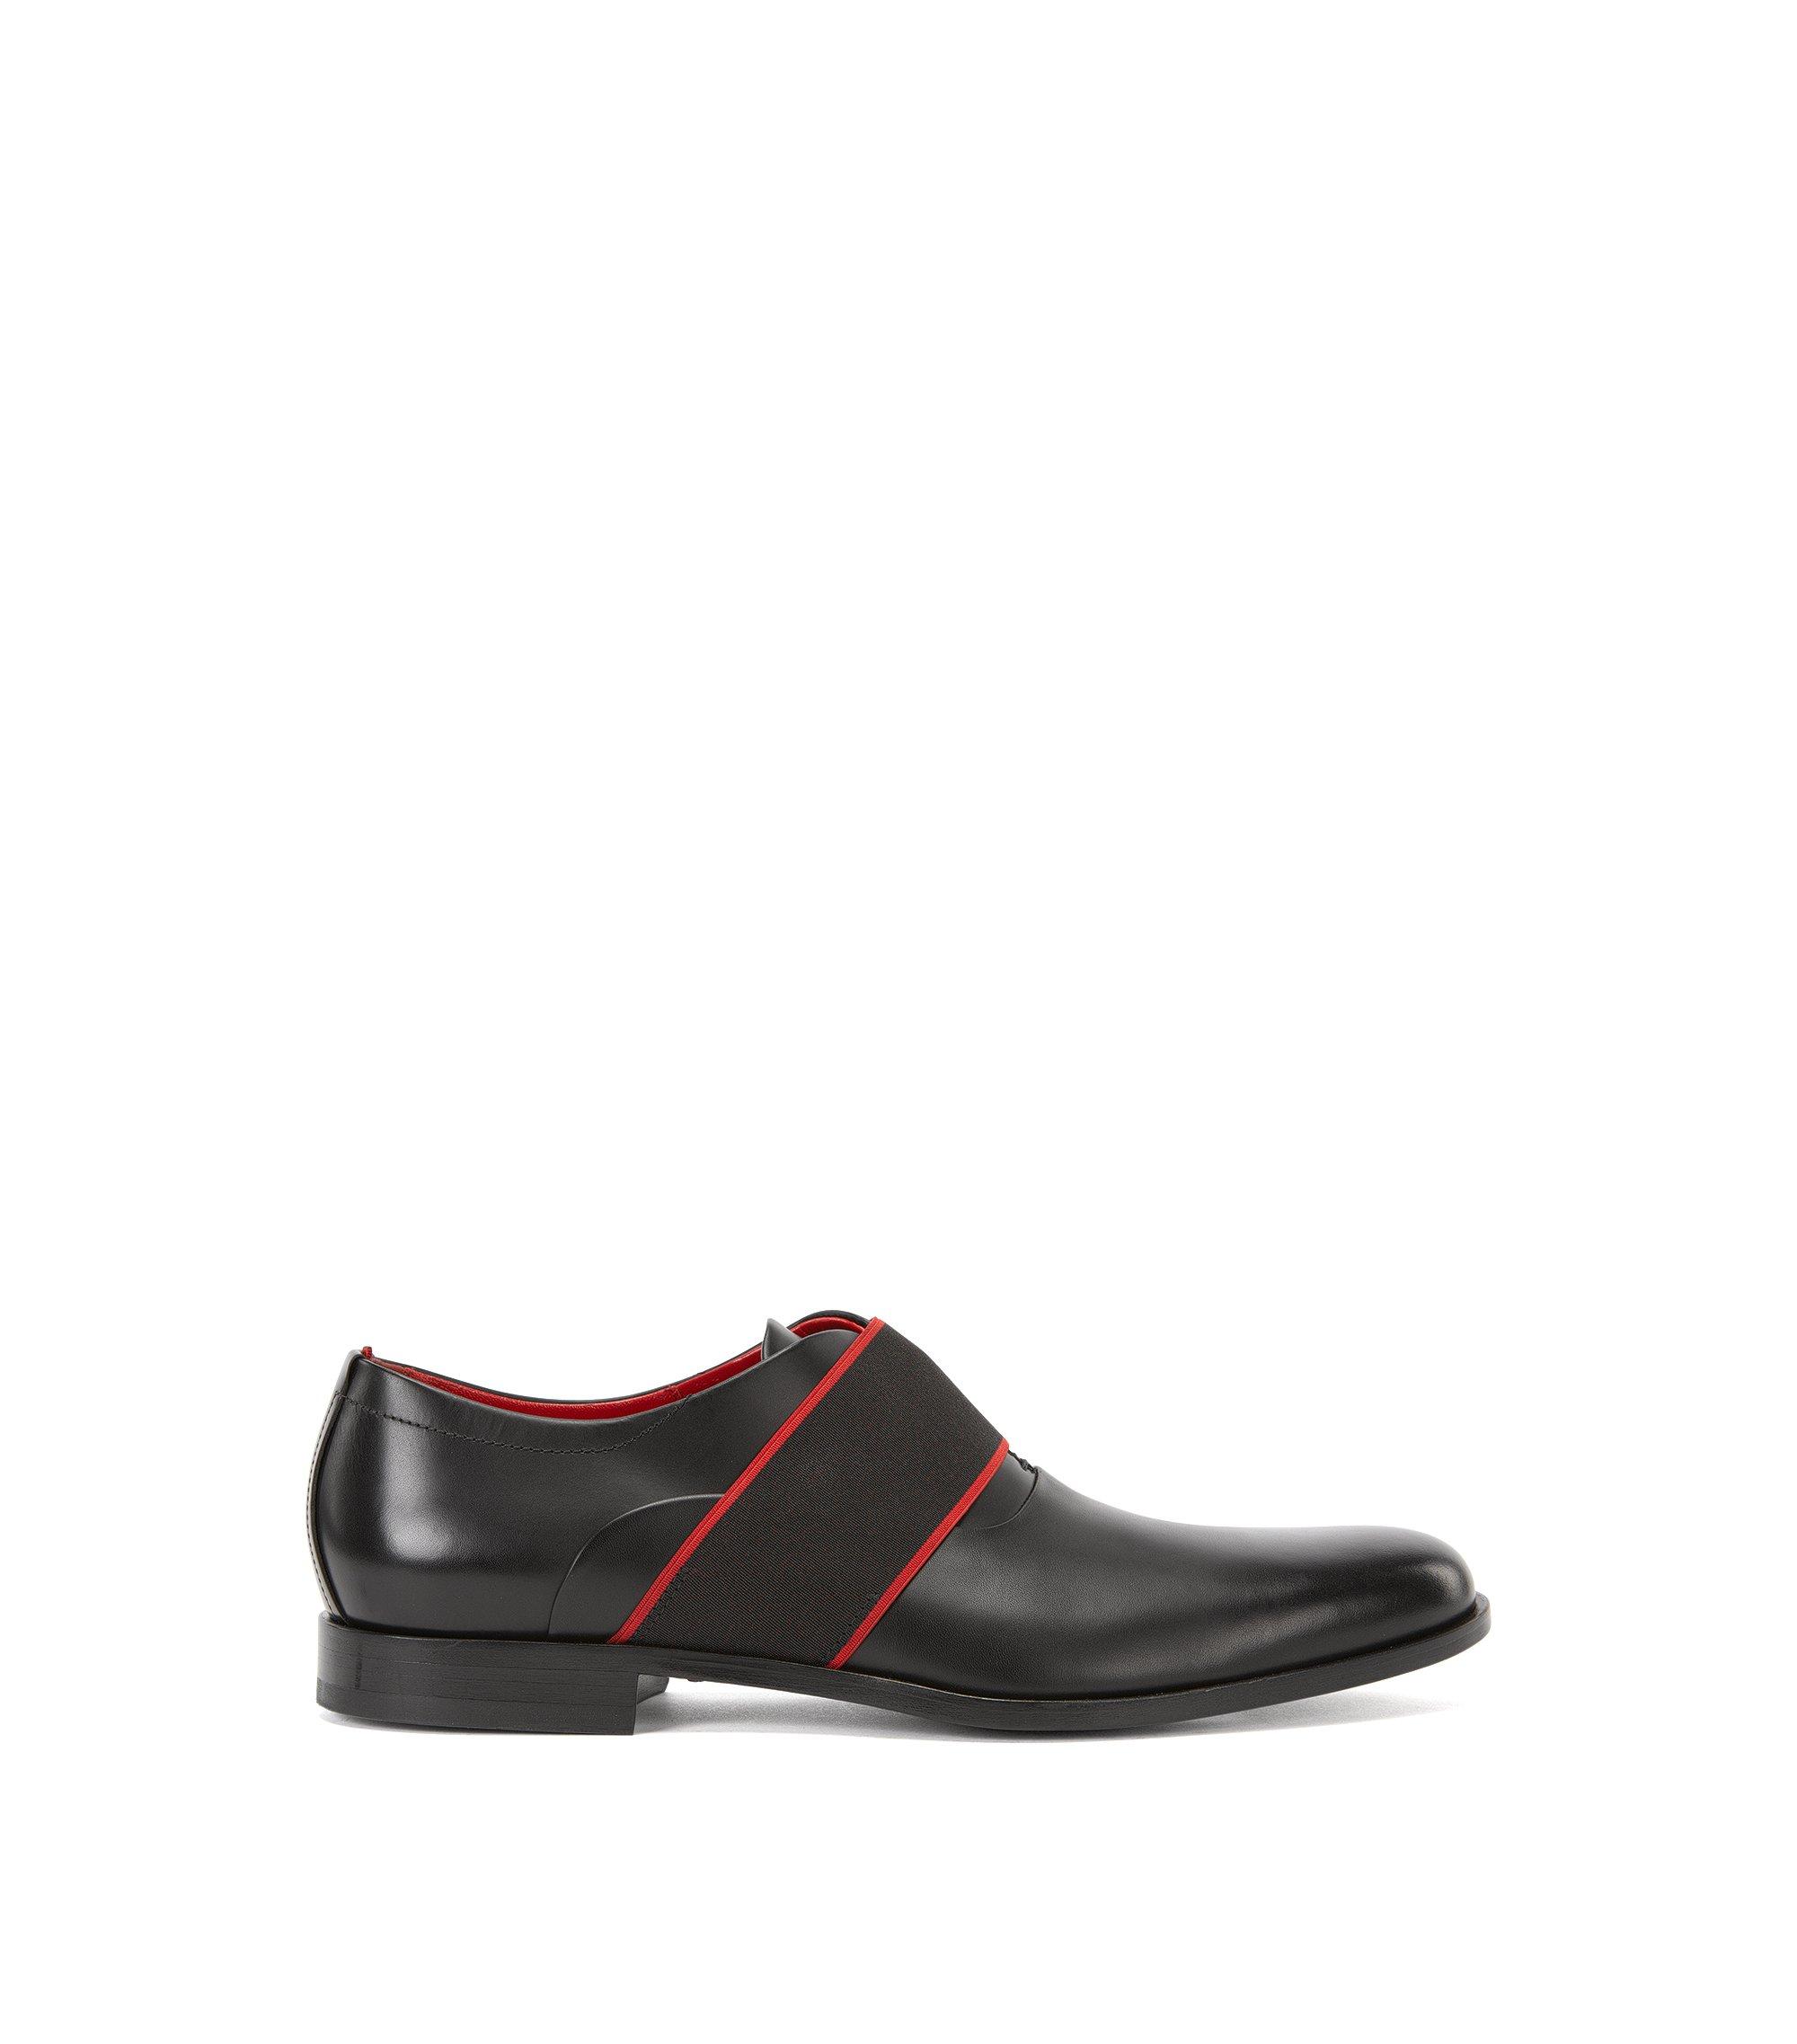 Leren schoenen met banddetail, Zwart